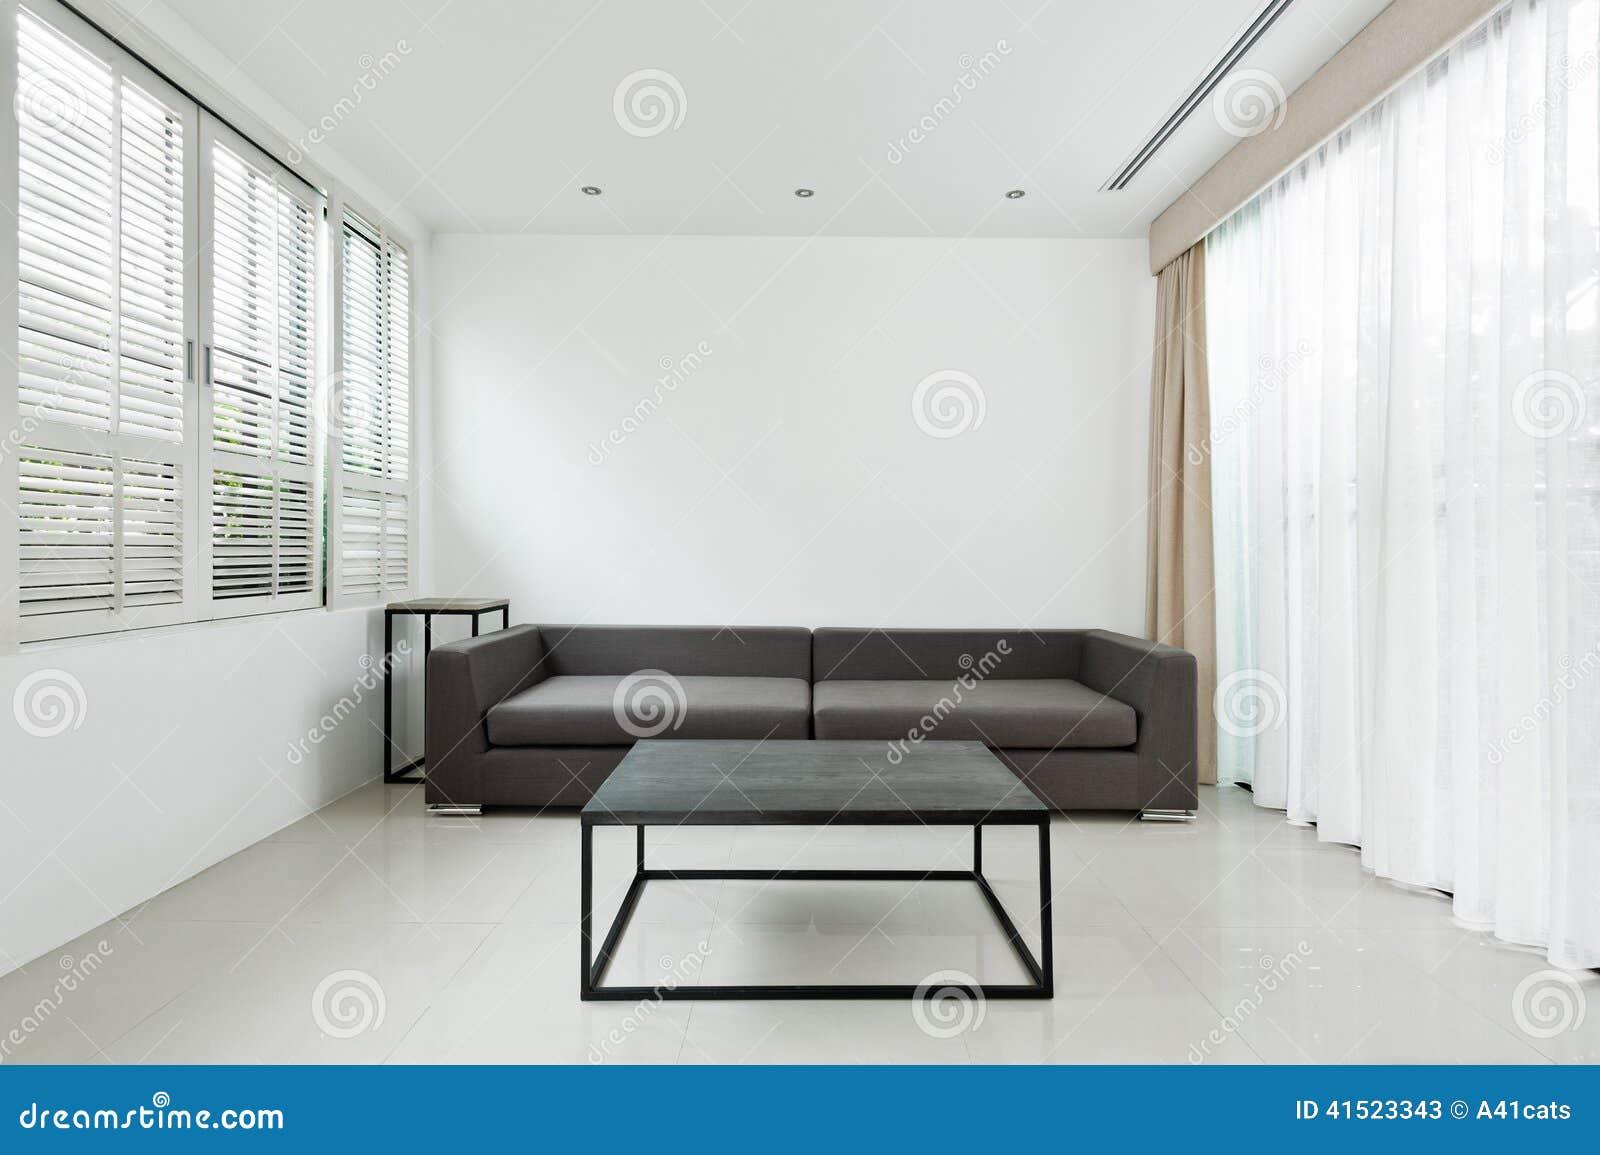 wohnzimmer sofa im raum:Helles Wohnzimmer mit grauem Sofa und minimalistic Dekoration.